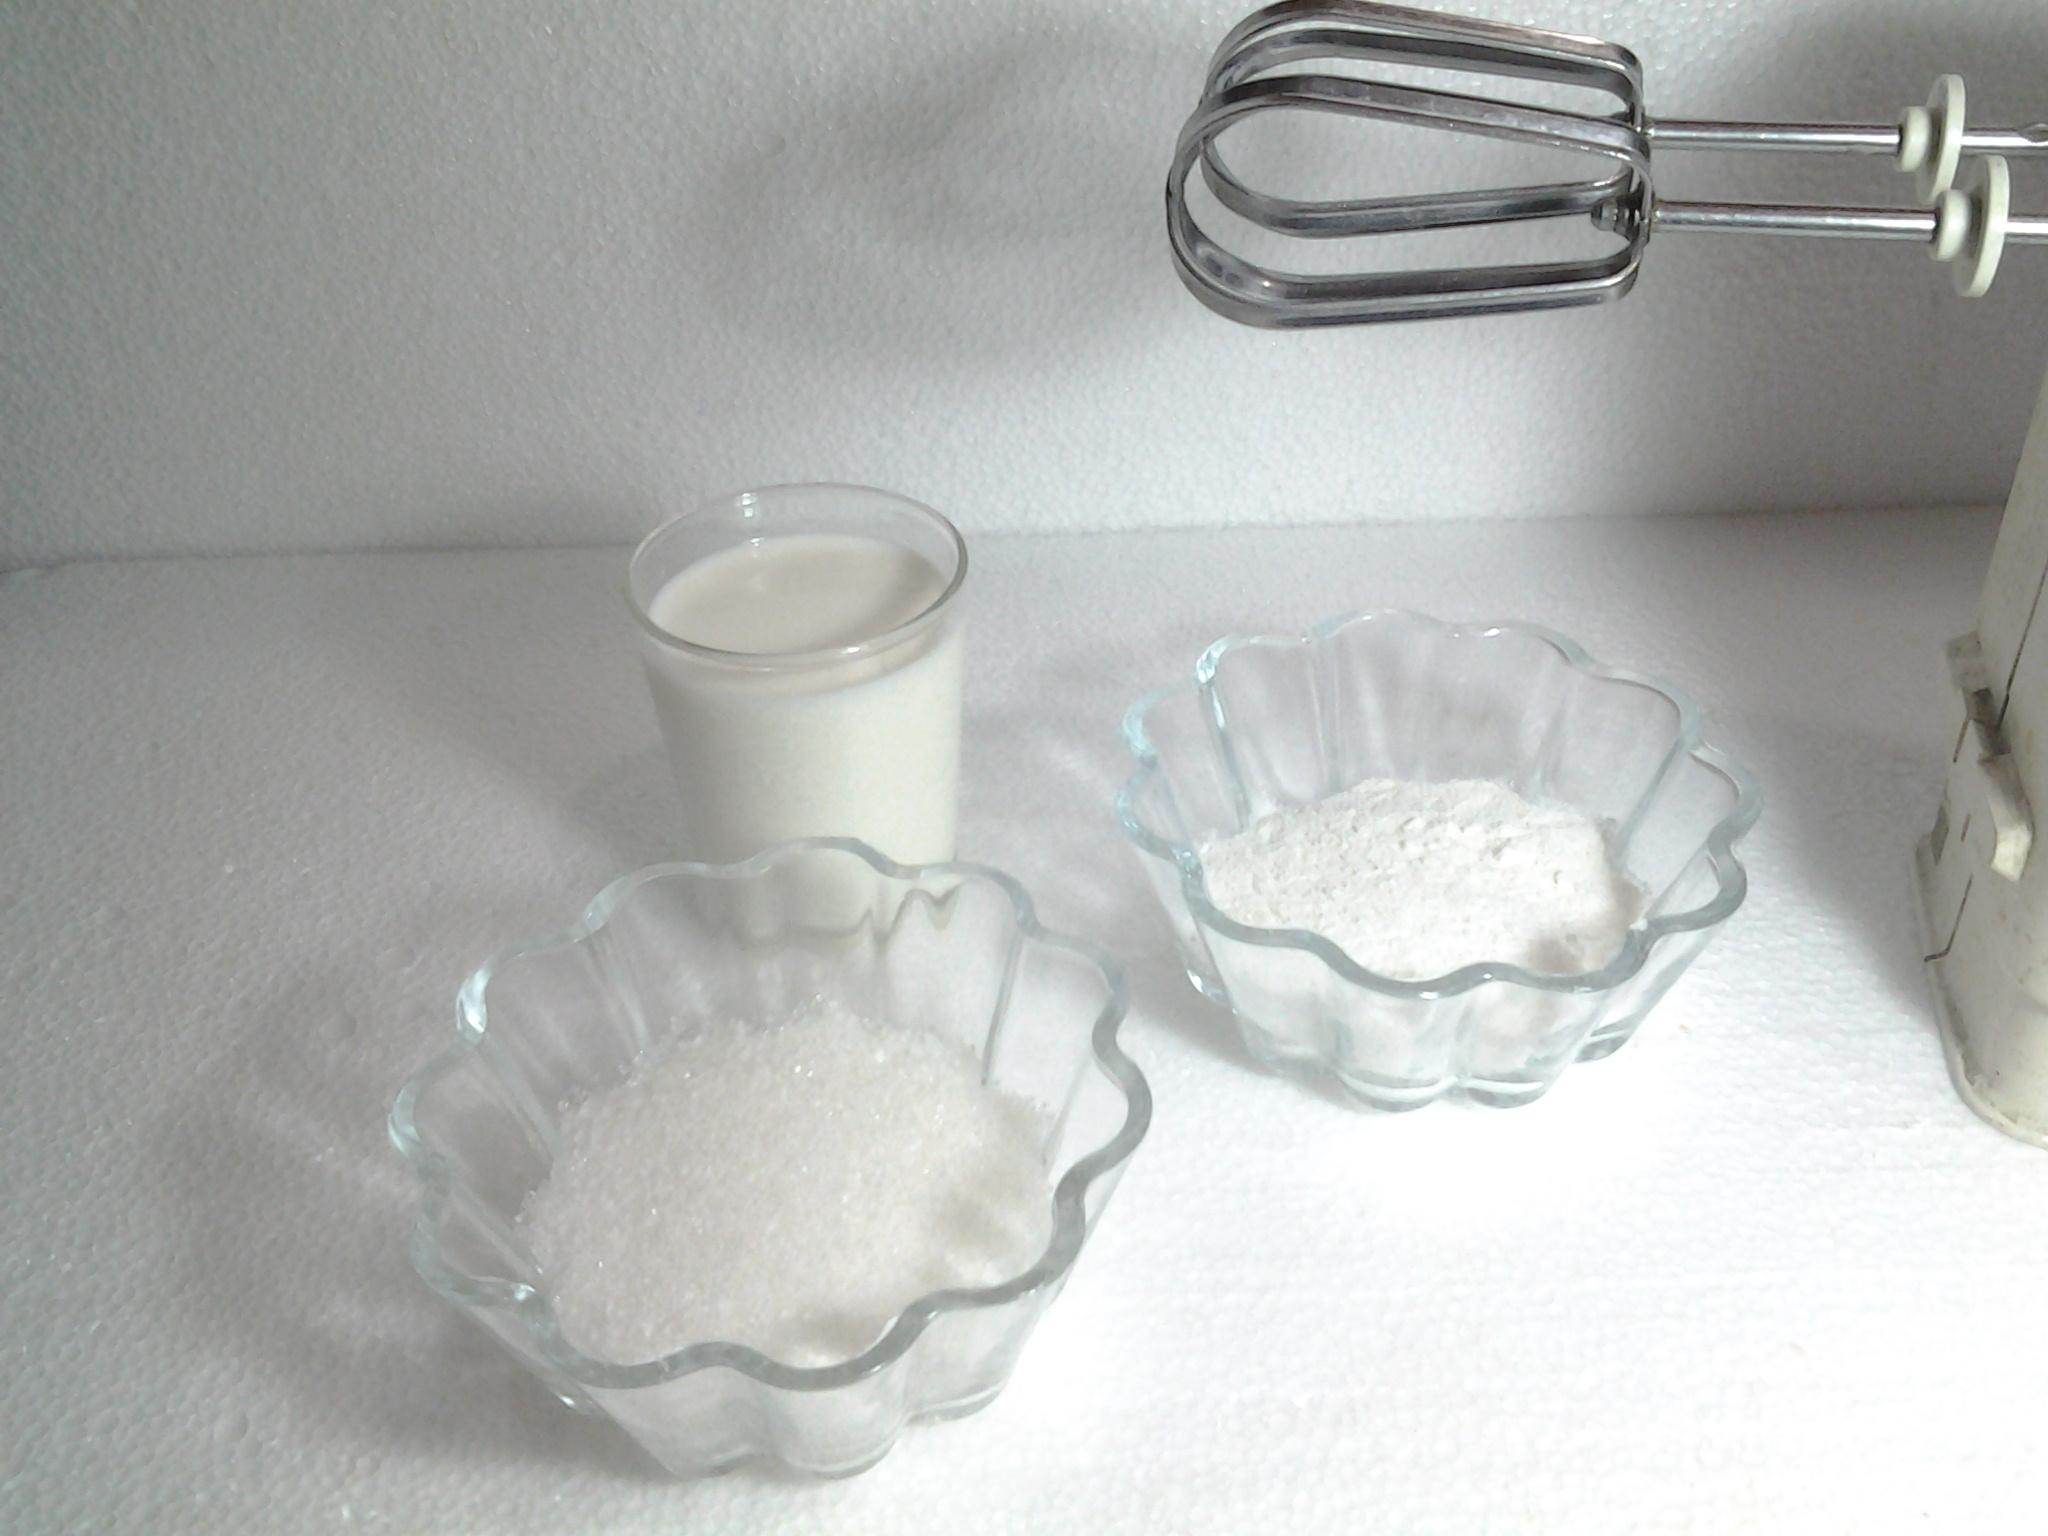 Picture of Chocolate , Vanilla and Mango Cream Preparing